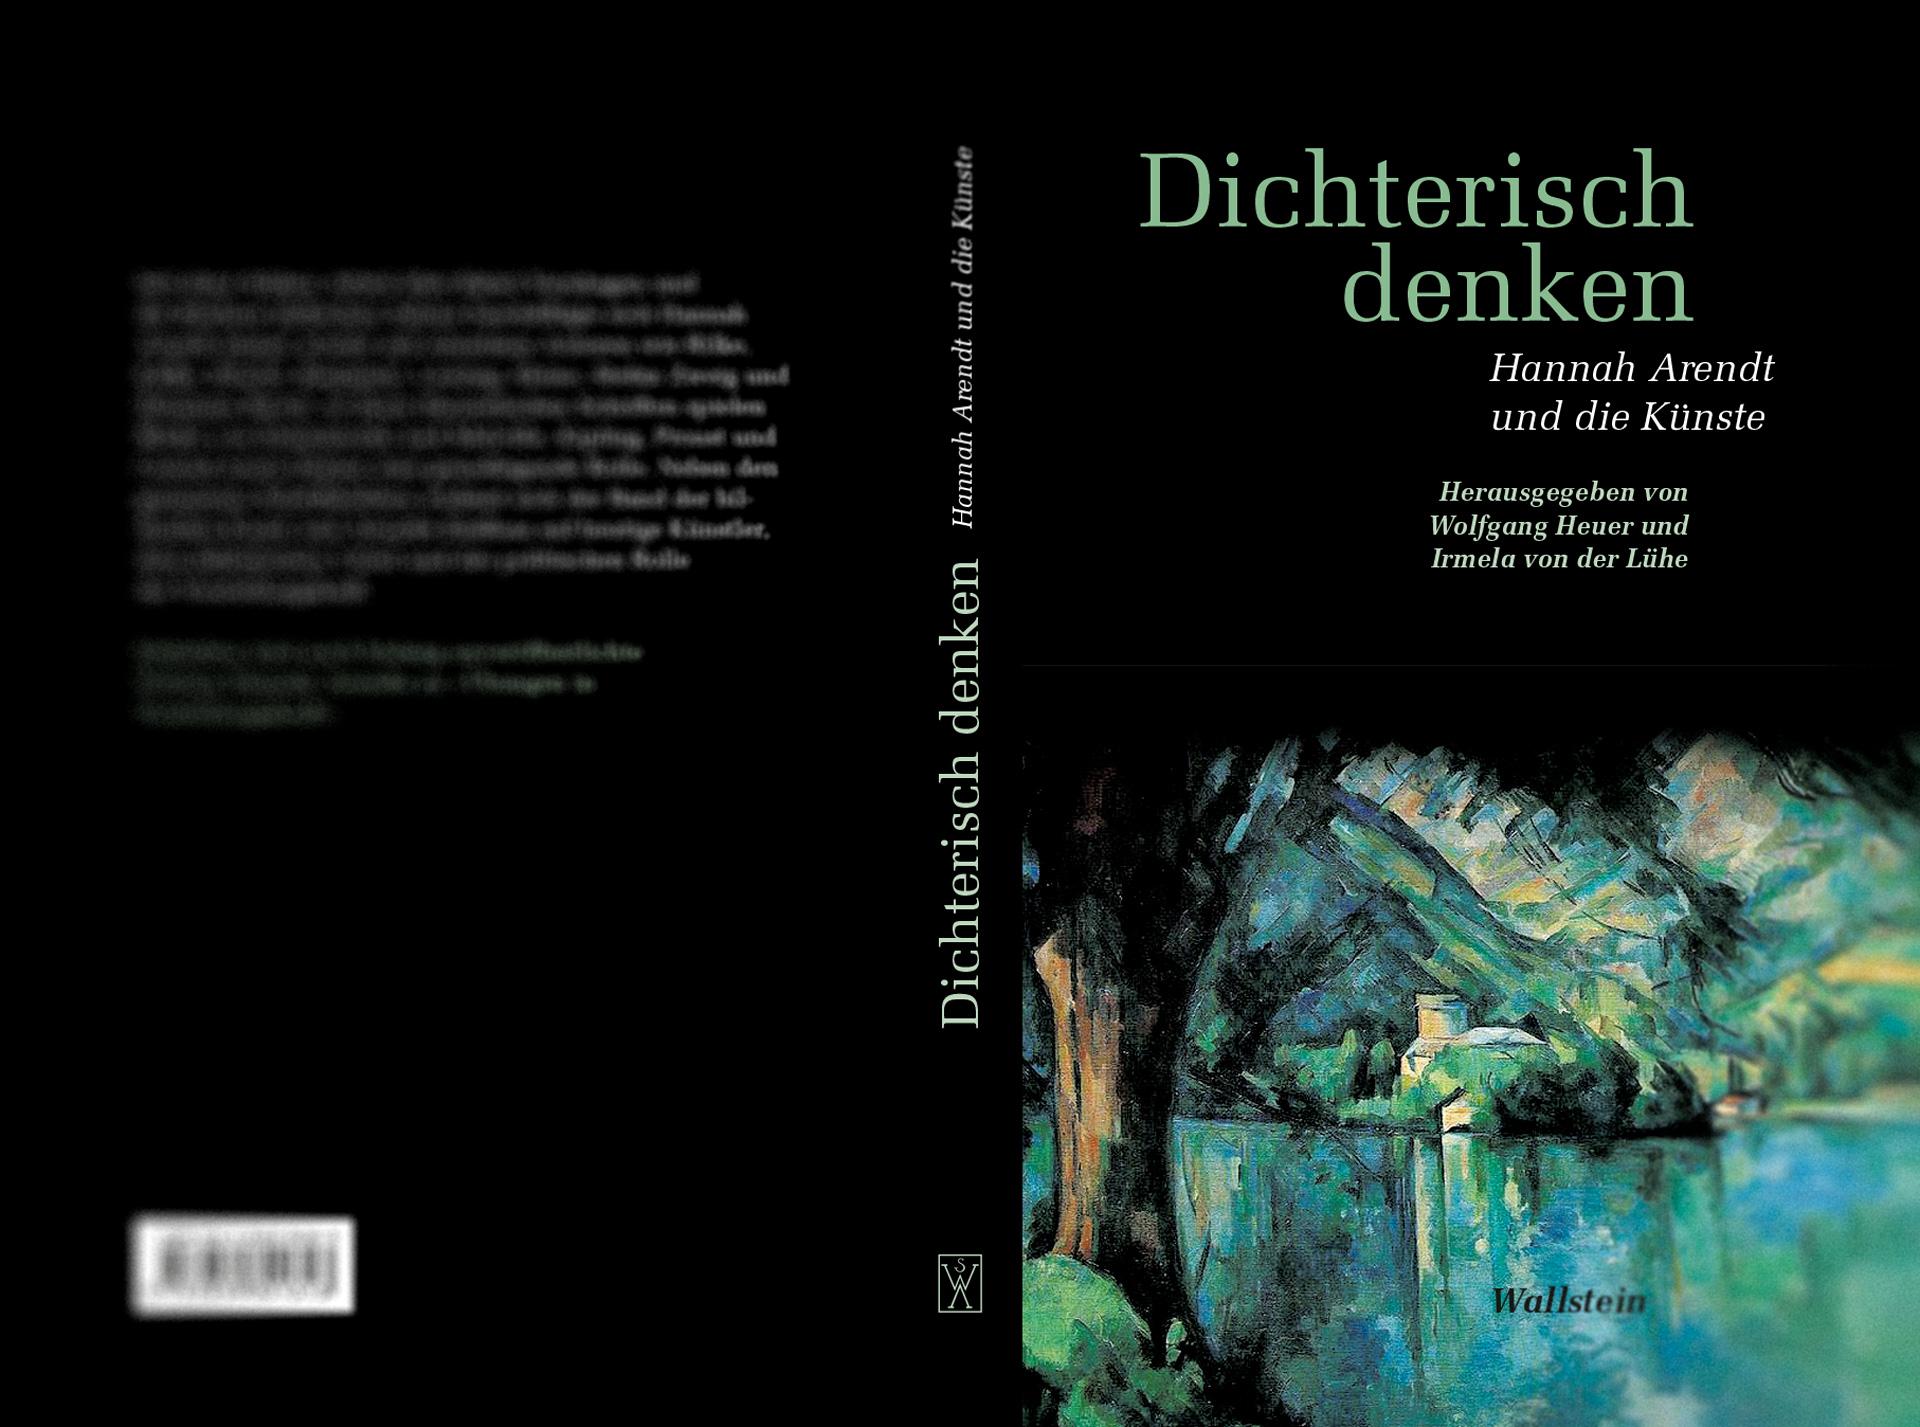 »Dichterisch denken« - Hannah Arendt und die Künste, Umschlaggestaltung